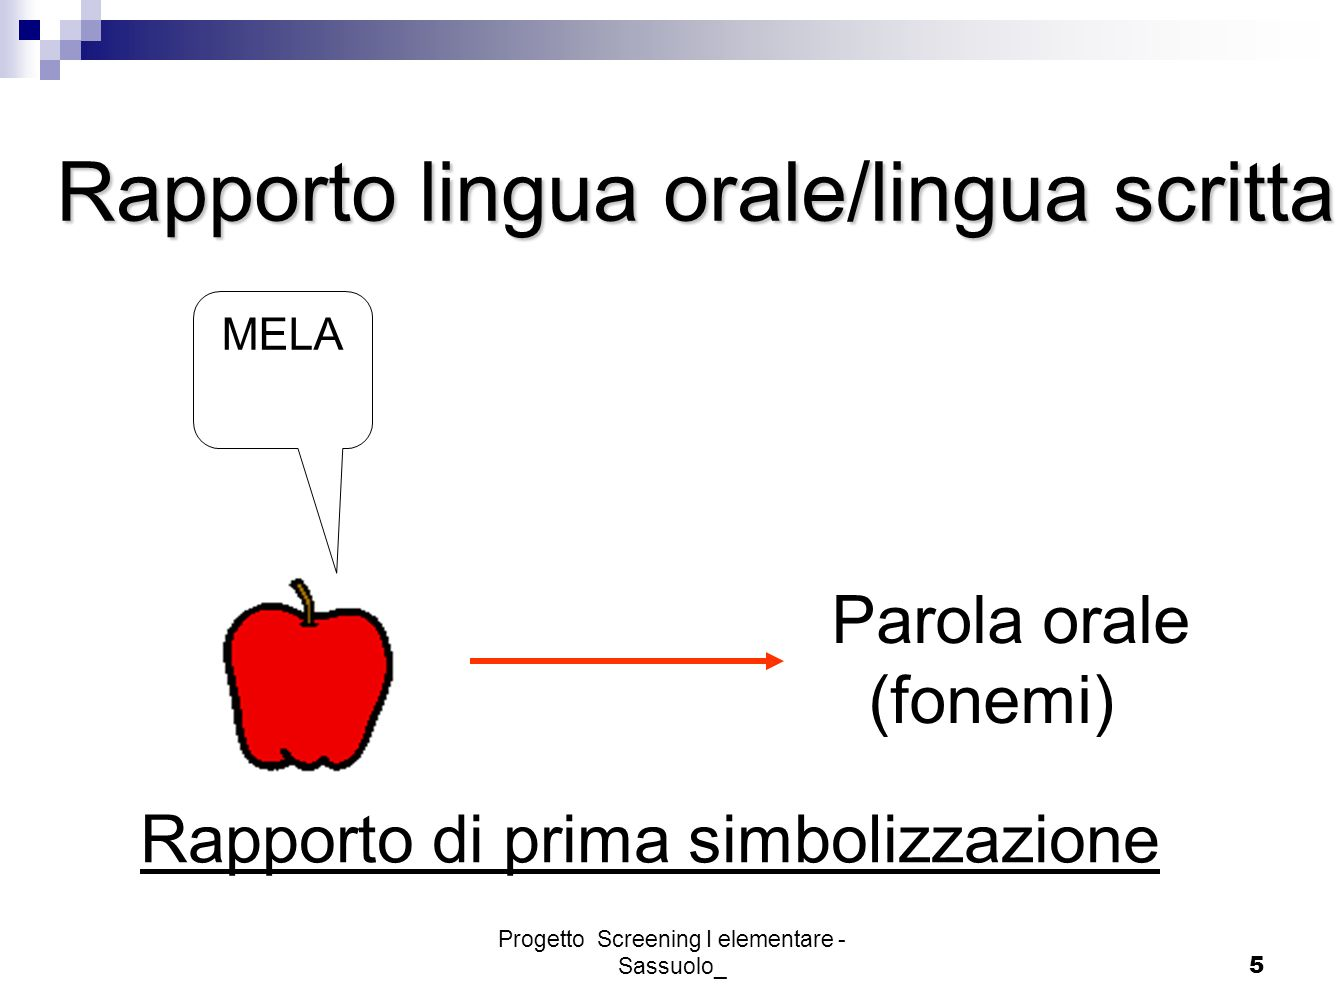 Rapporto lingua orale/lingua scritta